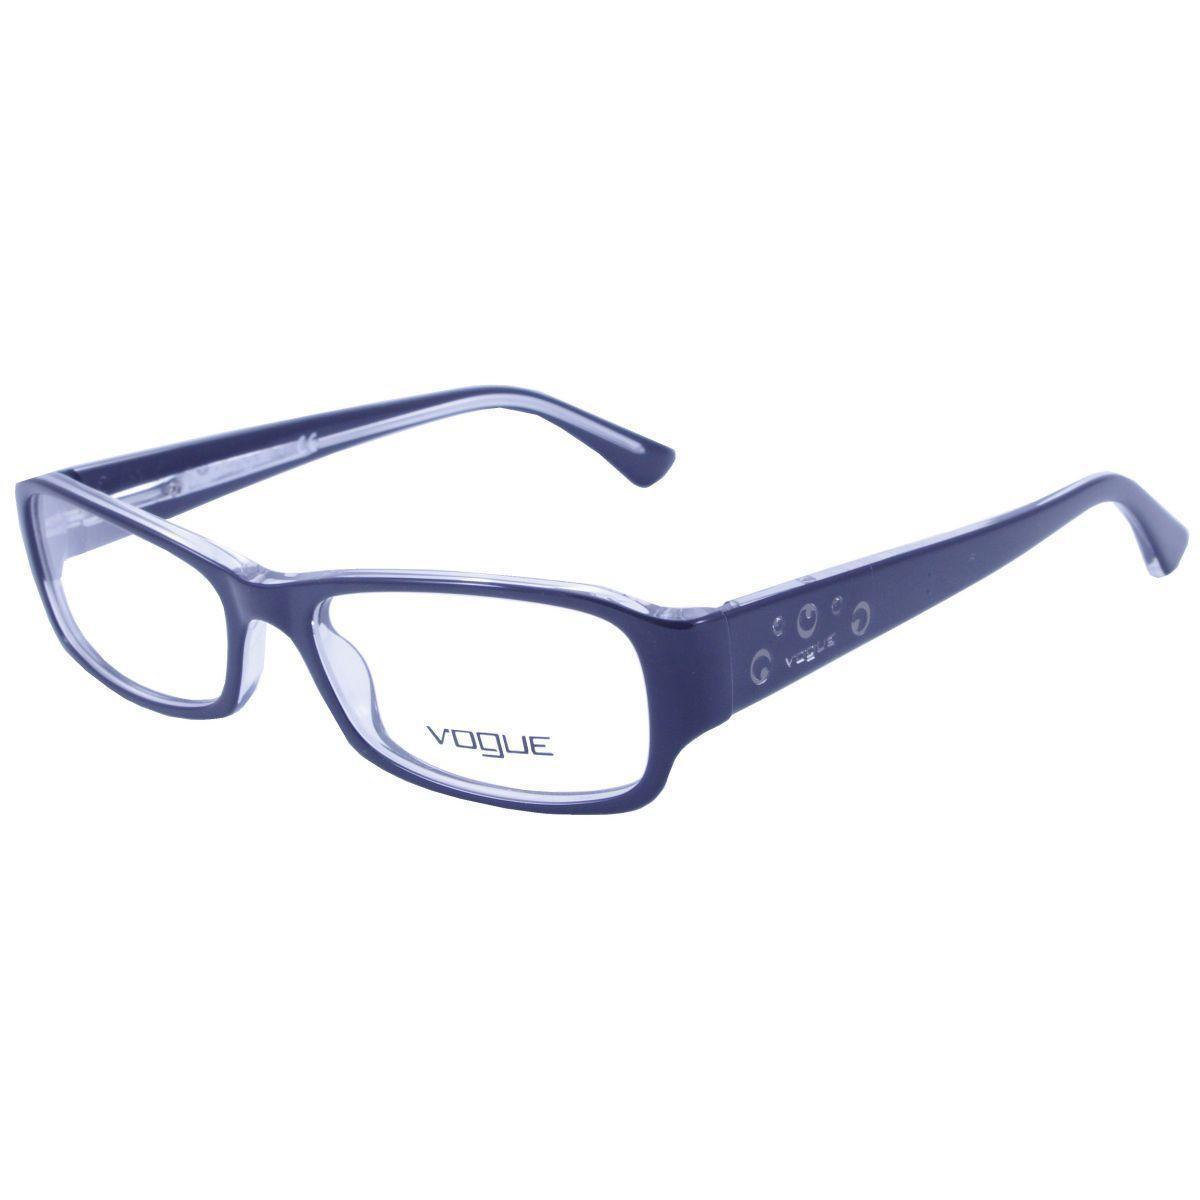 18d6f7898 Óculos De Grau Feminino Vogue VO2758 827 Tam.52 - Vogue original R$ 359,00  à vista. Adicionar à sacola